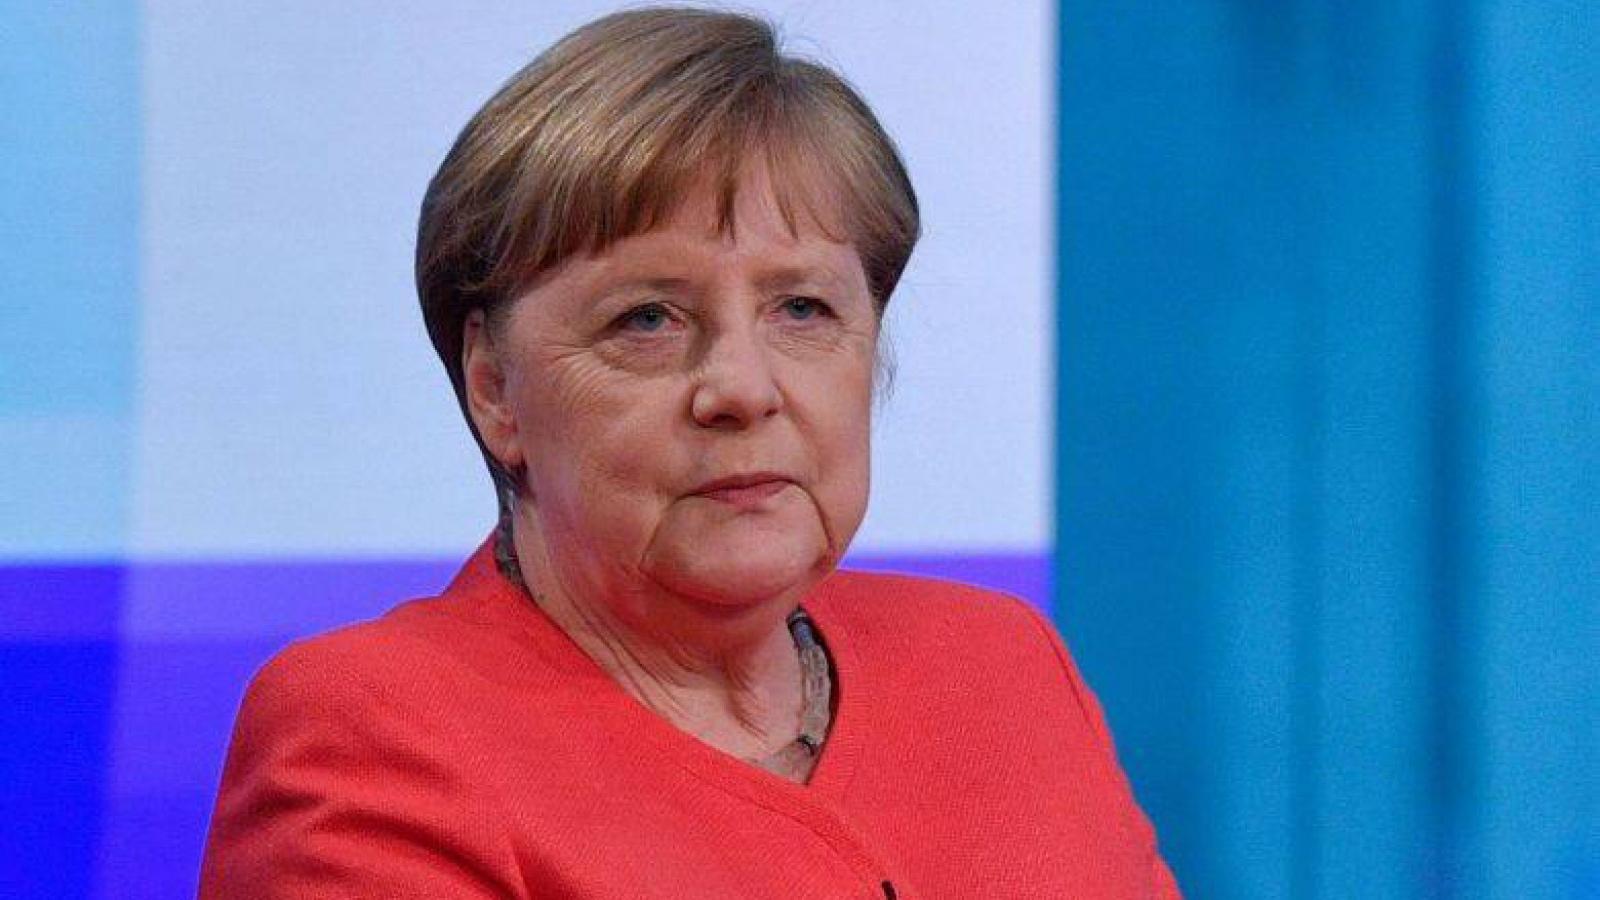 Thủ tướng Đức Angela Merkel khẳng định không tranh cử nhiệm kỳ 5